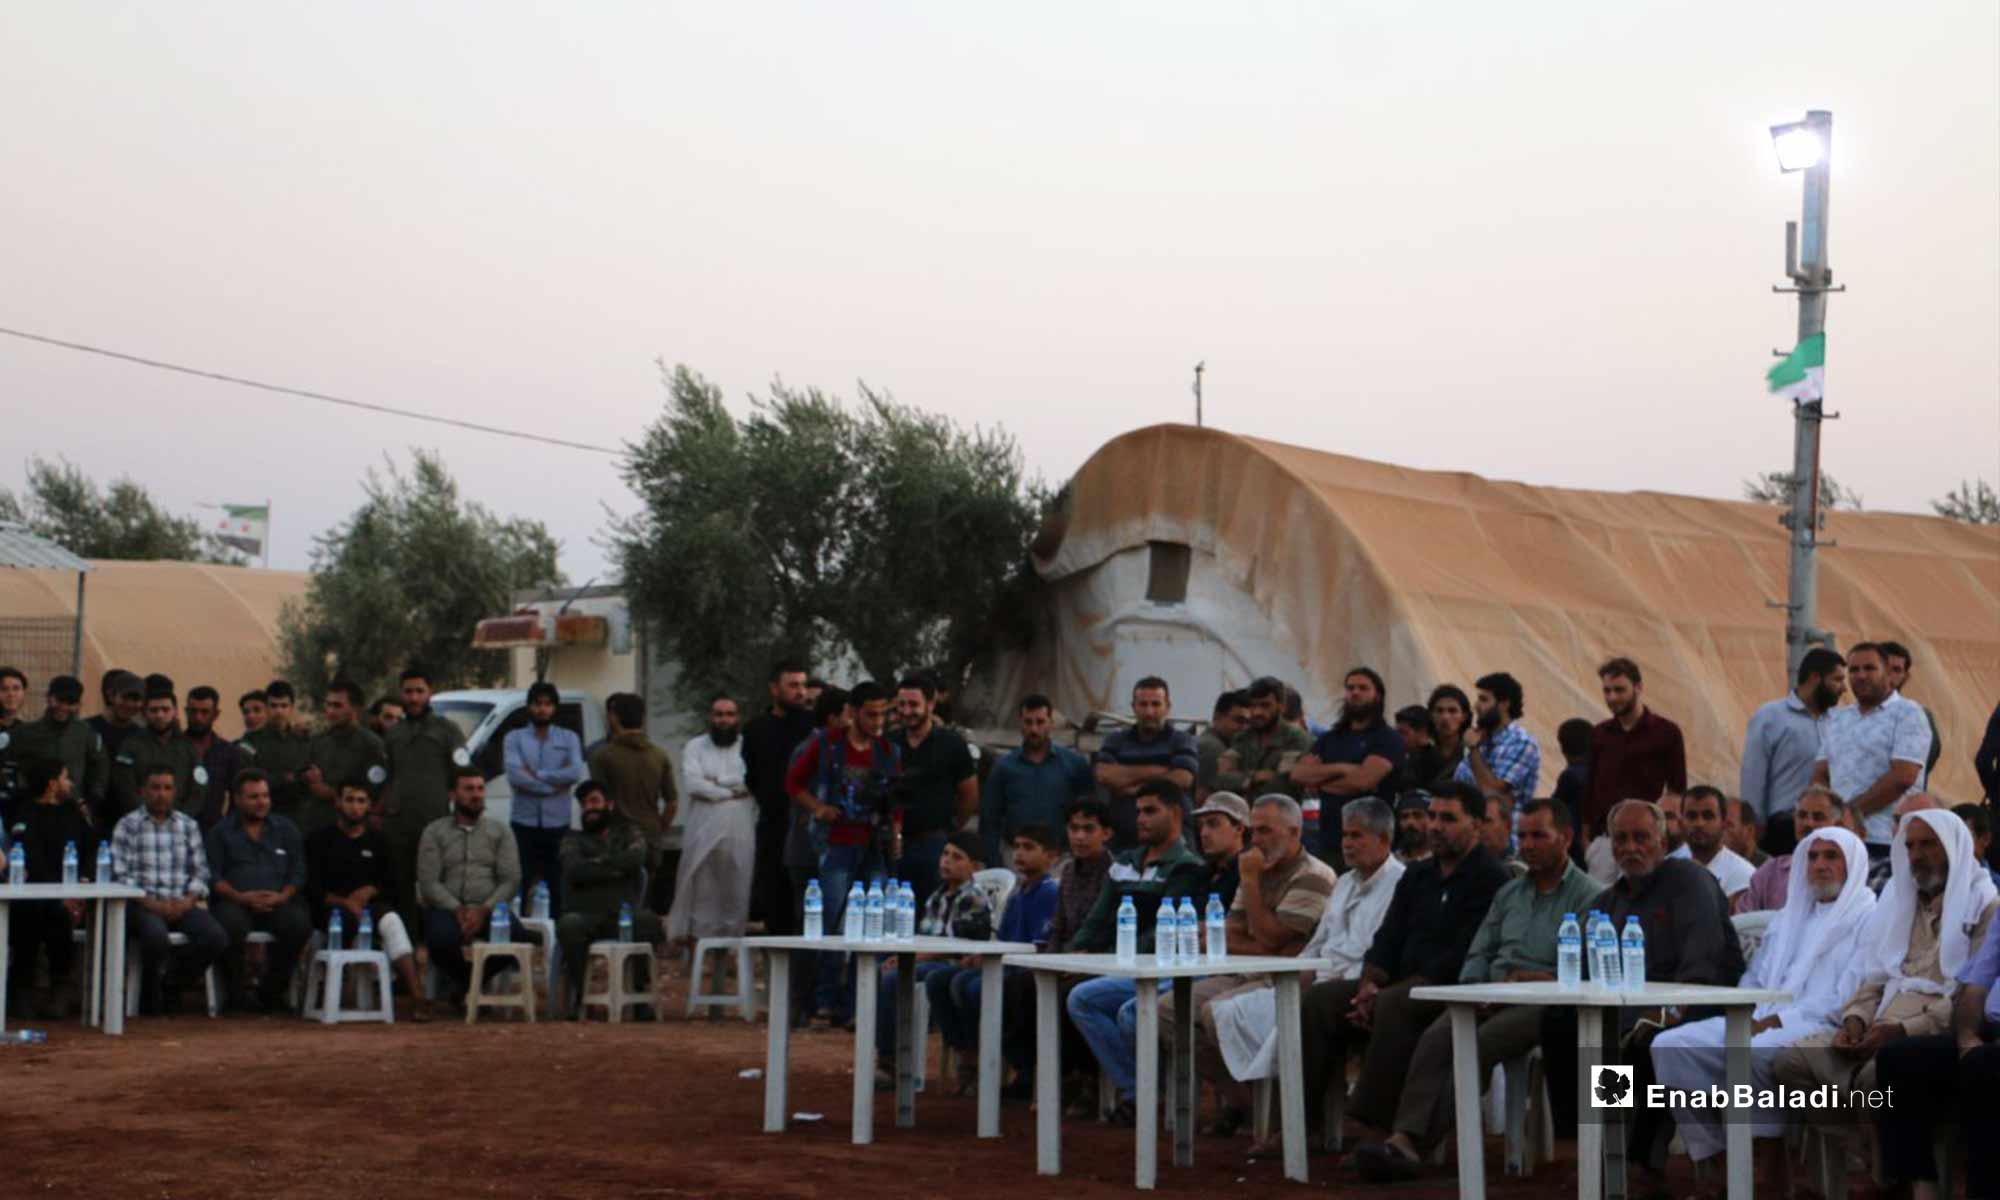 حفل تكريم لمقاتلين في الجيش السوري الحر حصلوا على الشهادة الثانوية بدرجات عالية في ريف حلب الشمالي - 2 من آب 2018 (عنب بلدي)